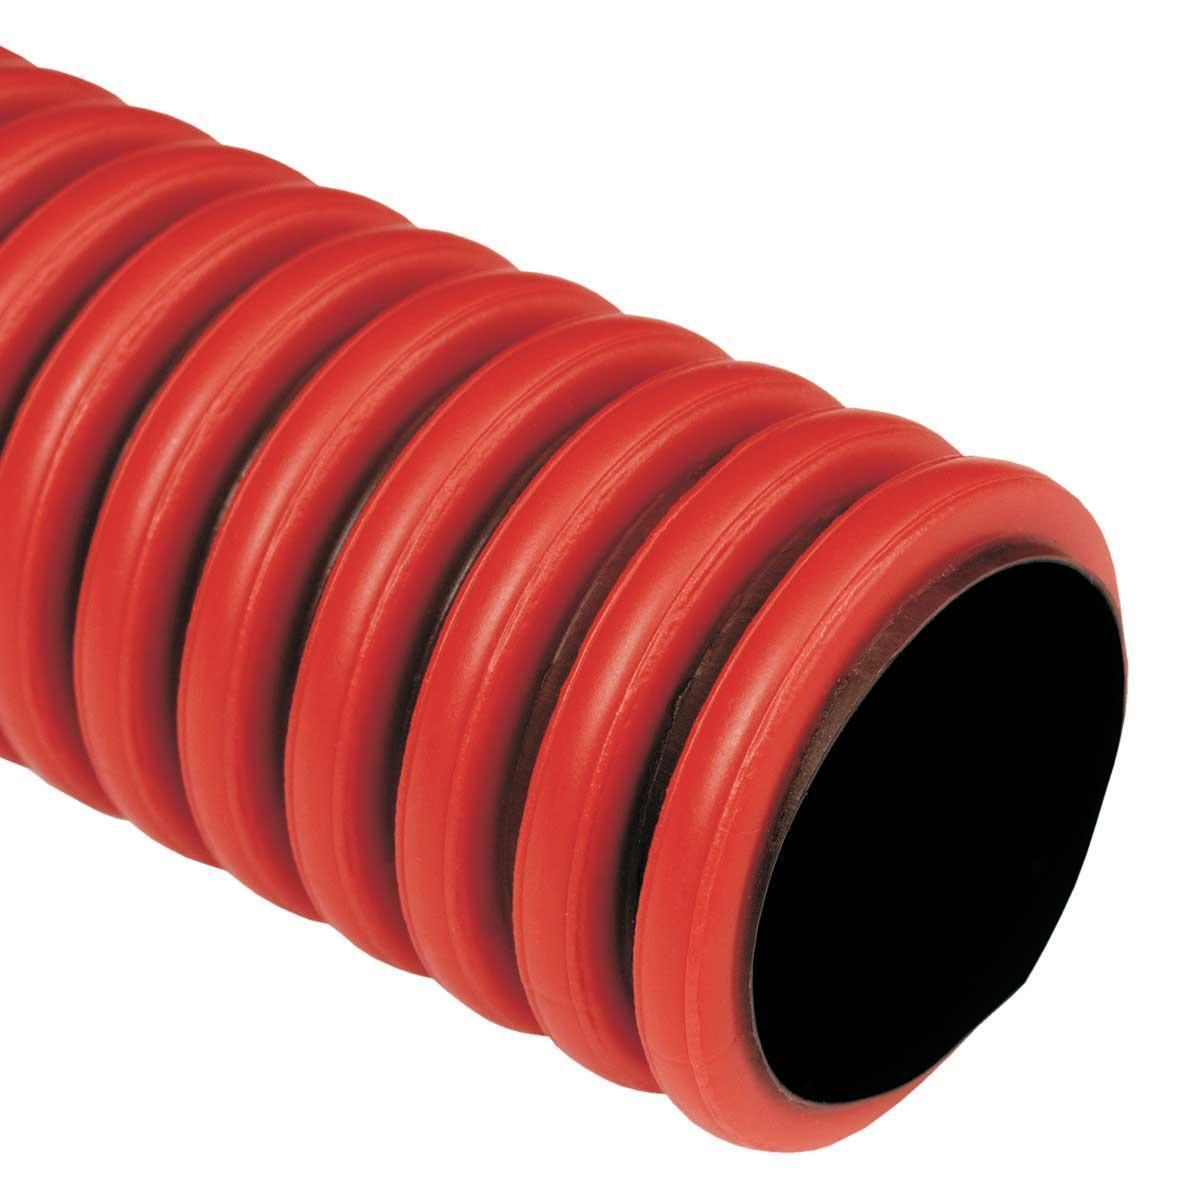 Труба гофрована гнучка двошарова Копофлекс, чорна, протяжка, ; Ø90мм; поліетилен HDPE; Бухта 50 м